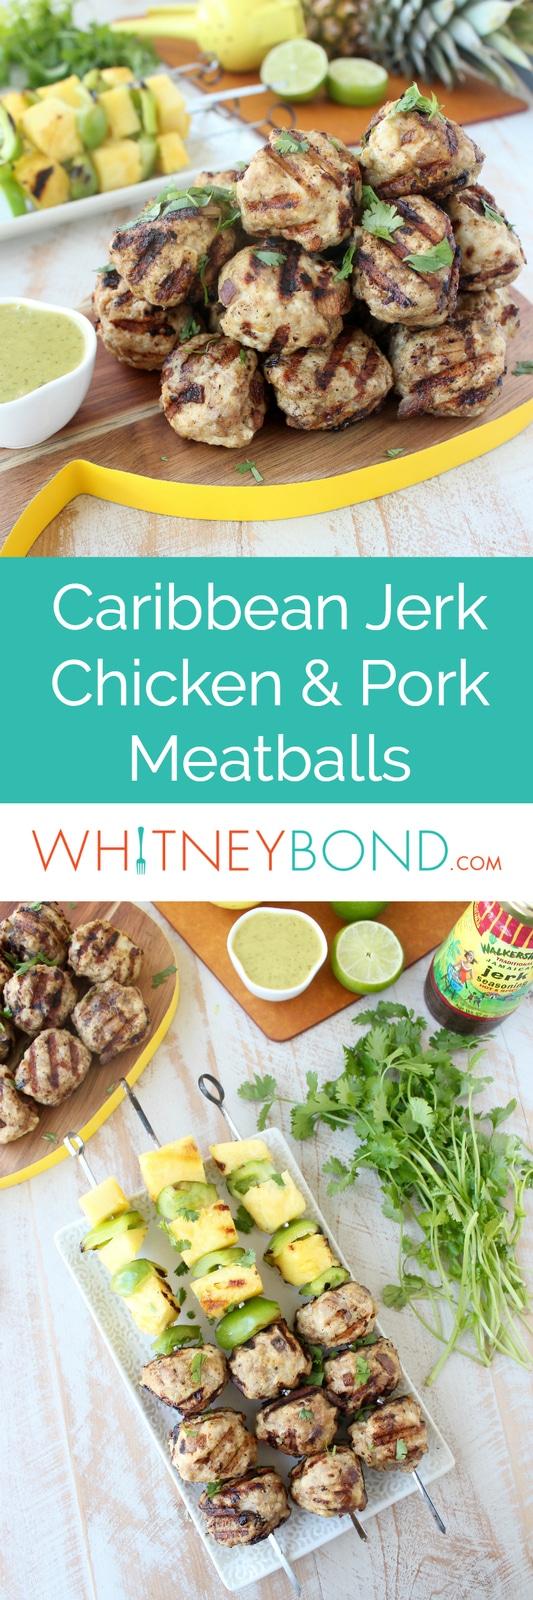 Caribbean Jerk Chicken and Pork Meatballs Recipe